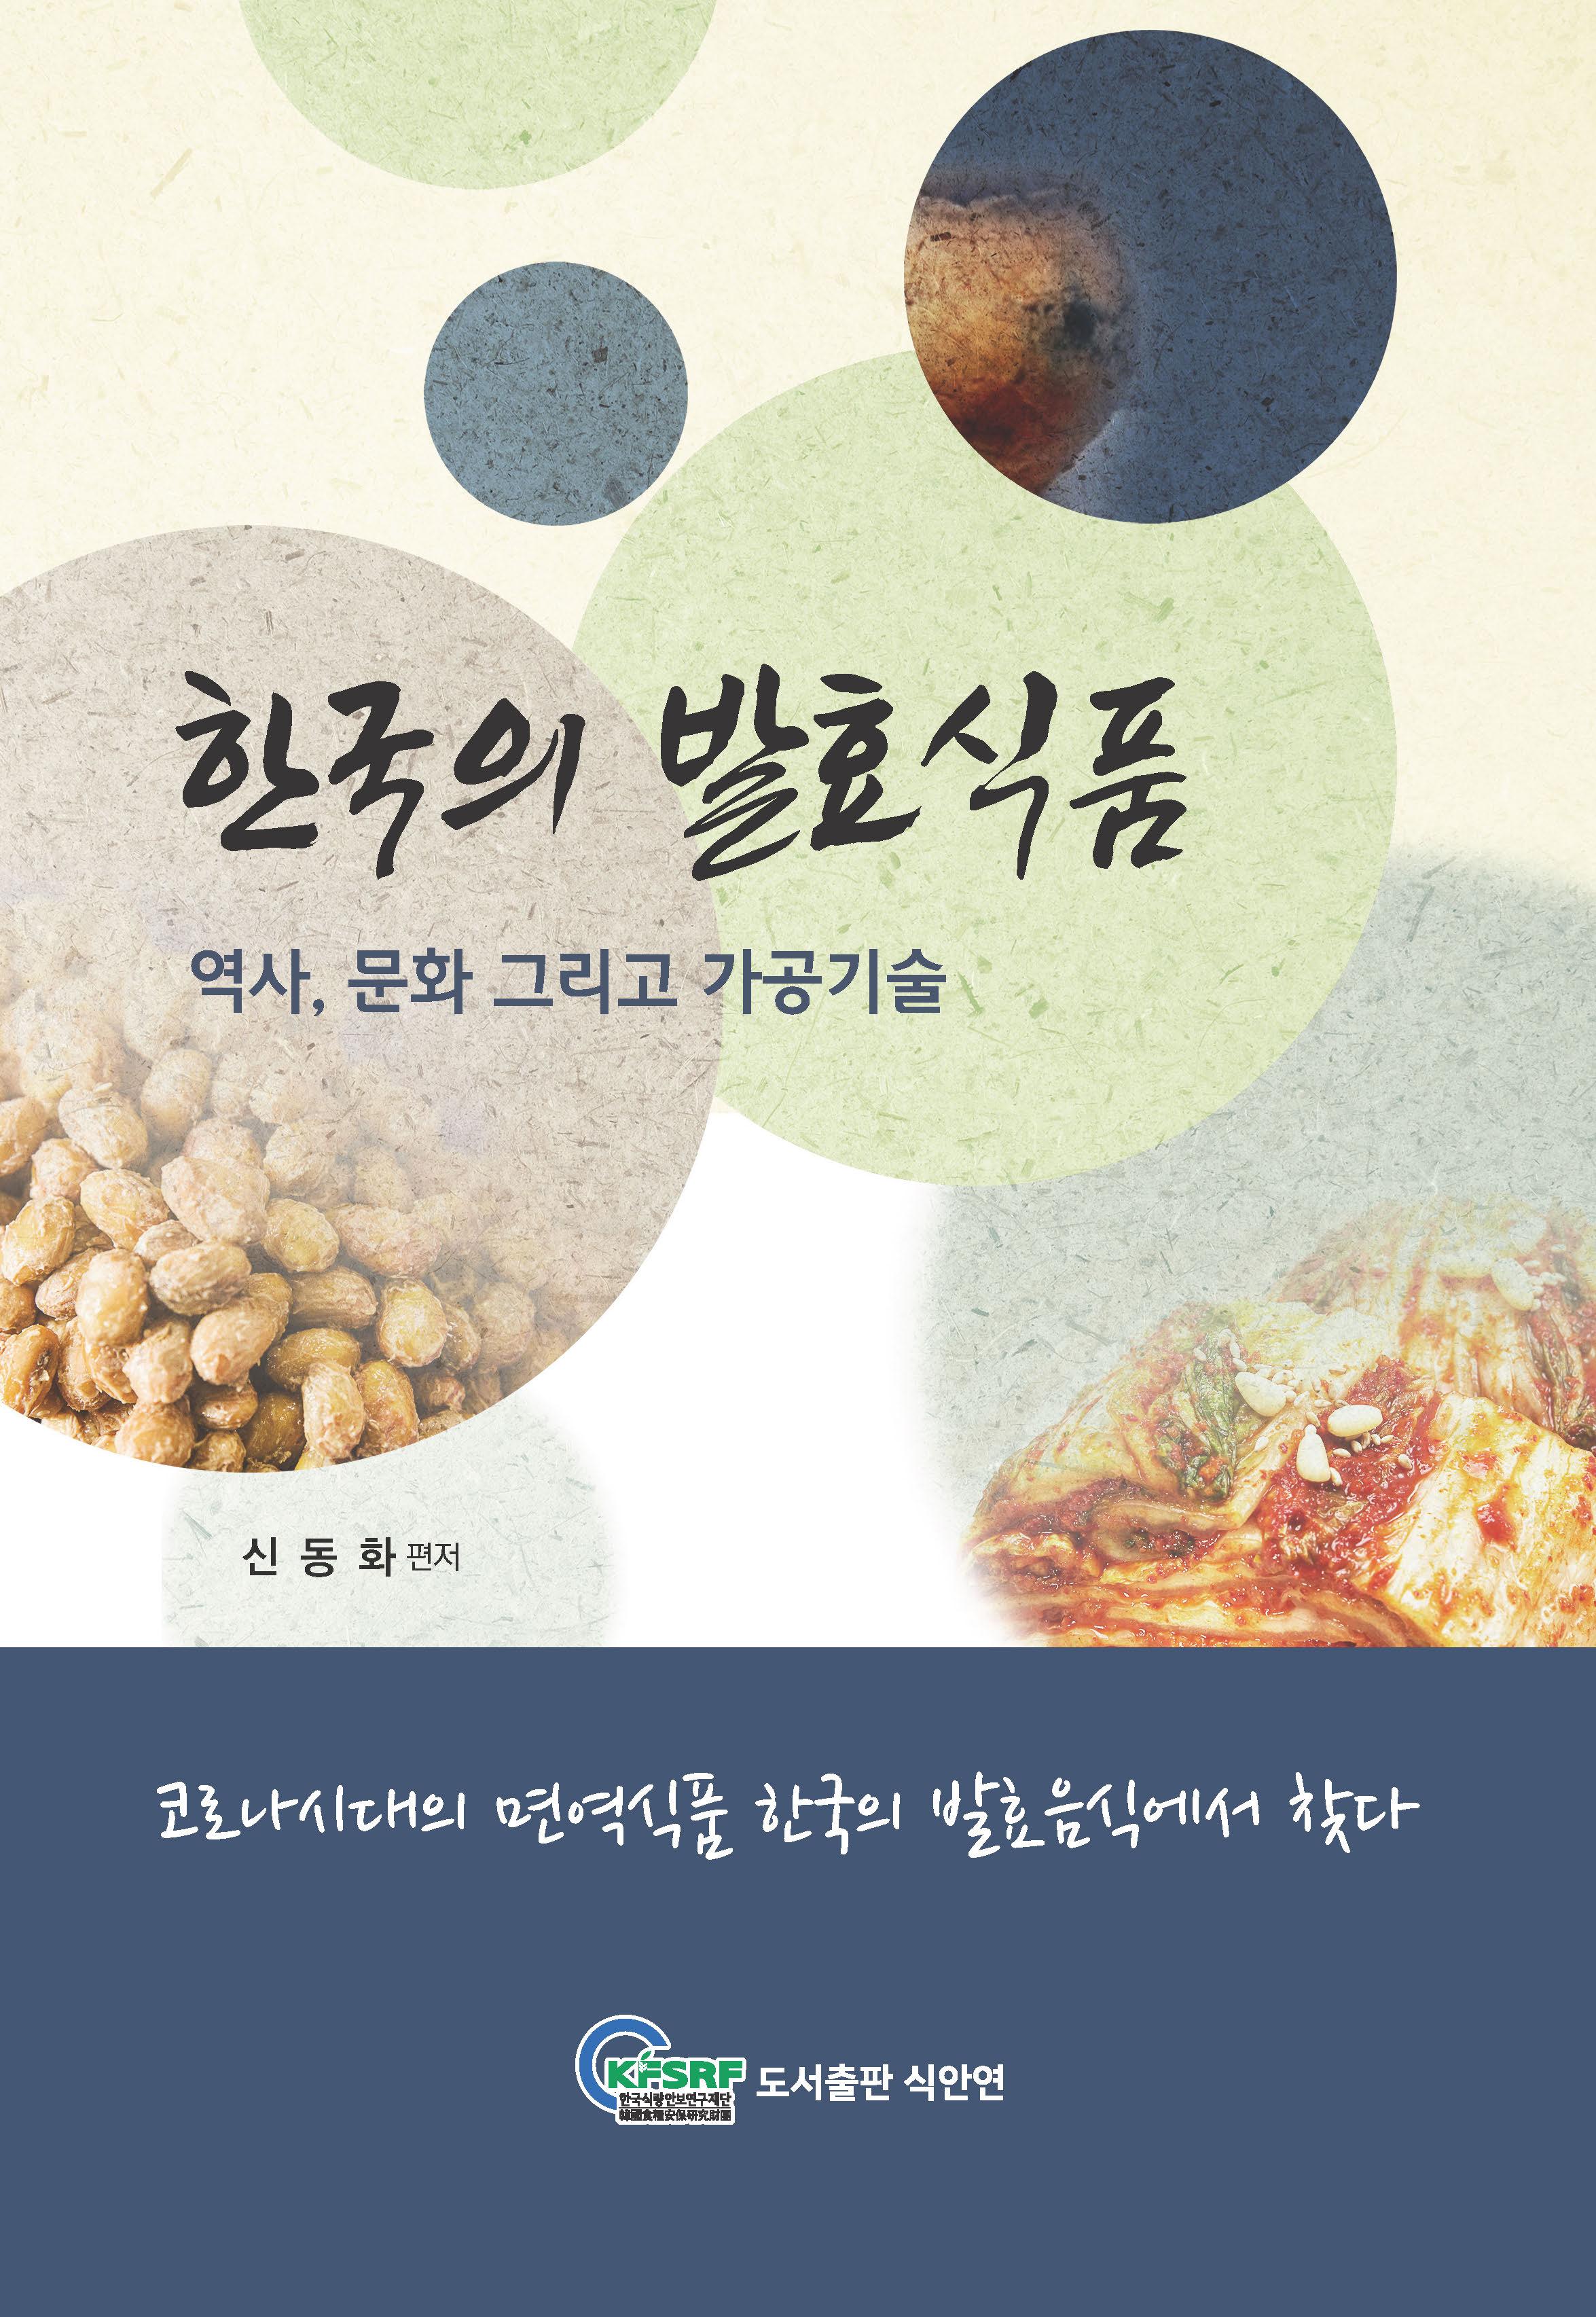 한국의 발효식품 표지.jpg